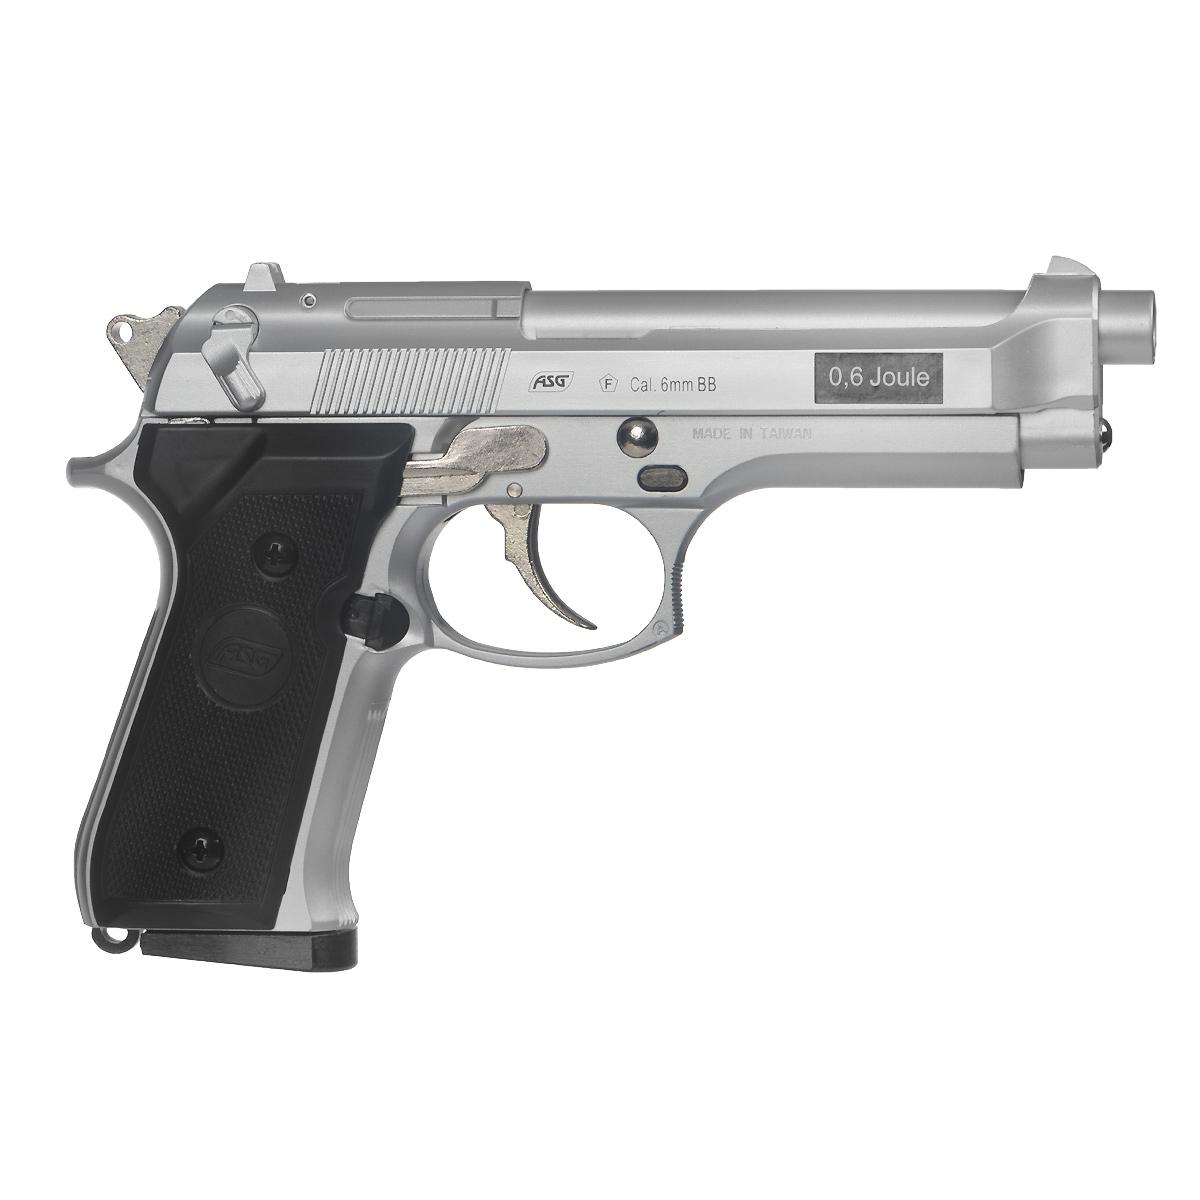 ASG M92F �������� �������������, NBB, 6 ��, ����: Silver (11557)11557������������� �������� ASG Beretta M92F. ������ �������� - ������������������ ������ ������������� ��������� Beretta M92F � ������������� ��������. ������ ������������ �������� ����������� � ���������� ��������������� �� ����� ����. ���������� � ������������ ��������. � ��������� ��������� ����� ������� (����� 50 ��). �����: 217 ��. ������� ��������: 21 �����. ���: 775 �����. ������� �������: 0,6 ��. ���-��: �������������. ����������� �������: 11556. ��������� ����������, ��� ������������� ���������� ���������� ������� ������������: ������� � ����������� ��������� � ������ ����������� ��� �����, �� ����������� �� ����� � ��������, ��� �������� �������, ����� � ������ ������ �� ���� �����, ������ ����������� �������� ���� � ����������, ���������� ���������� � ������ � ������, �� ������ ������� � ������������ ������! ����� �������������� �������� ����������! ��������� ��������� � ����������� - �����...